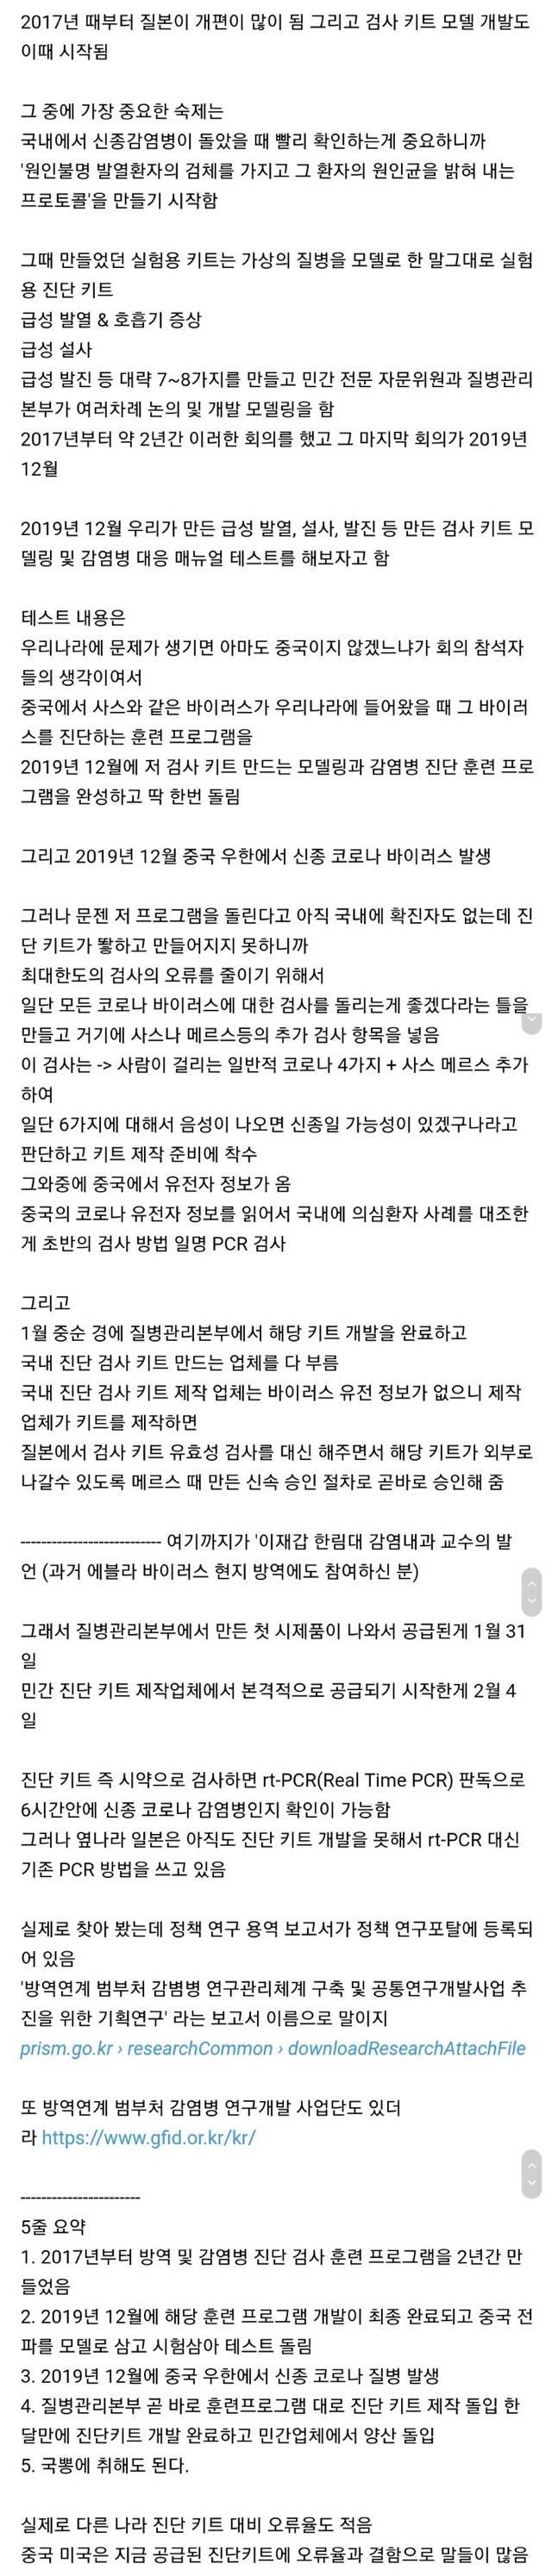 한국이 코로나 진단키트를 빨리 만들수 있었던 EU | 인스티즈